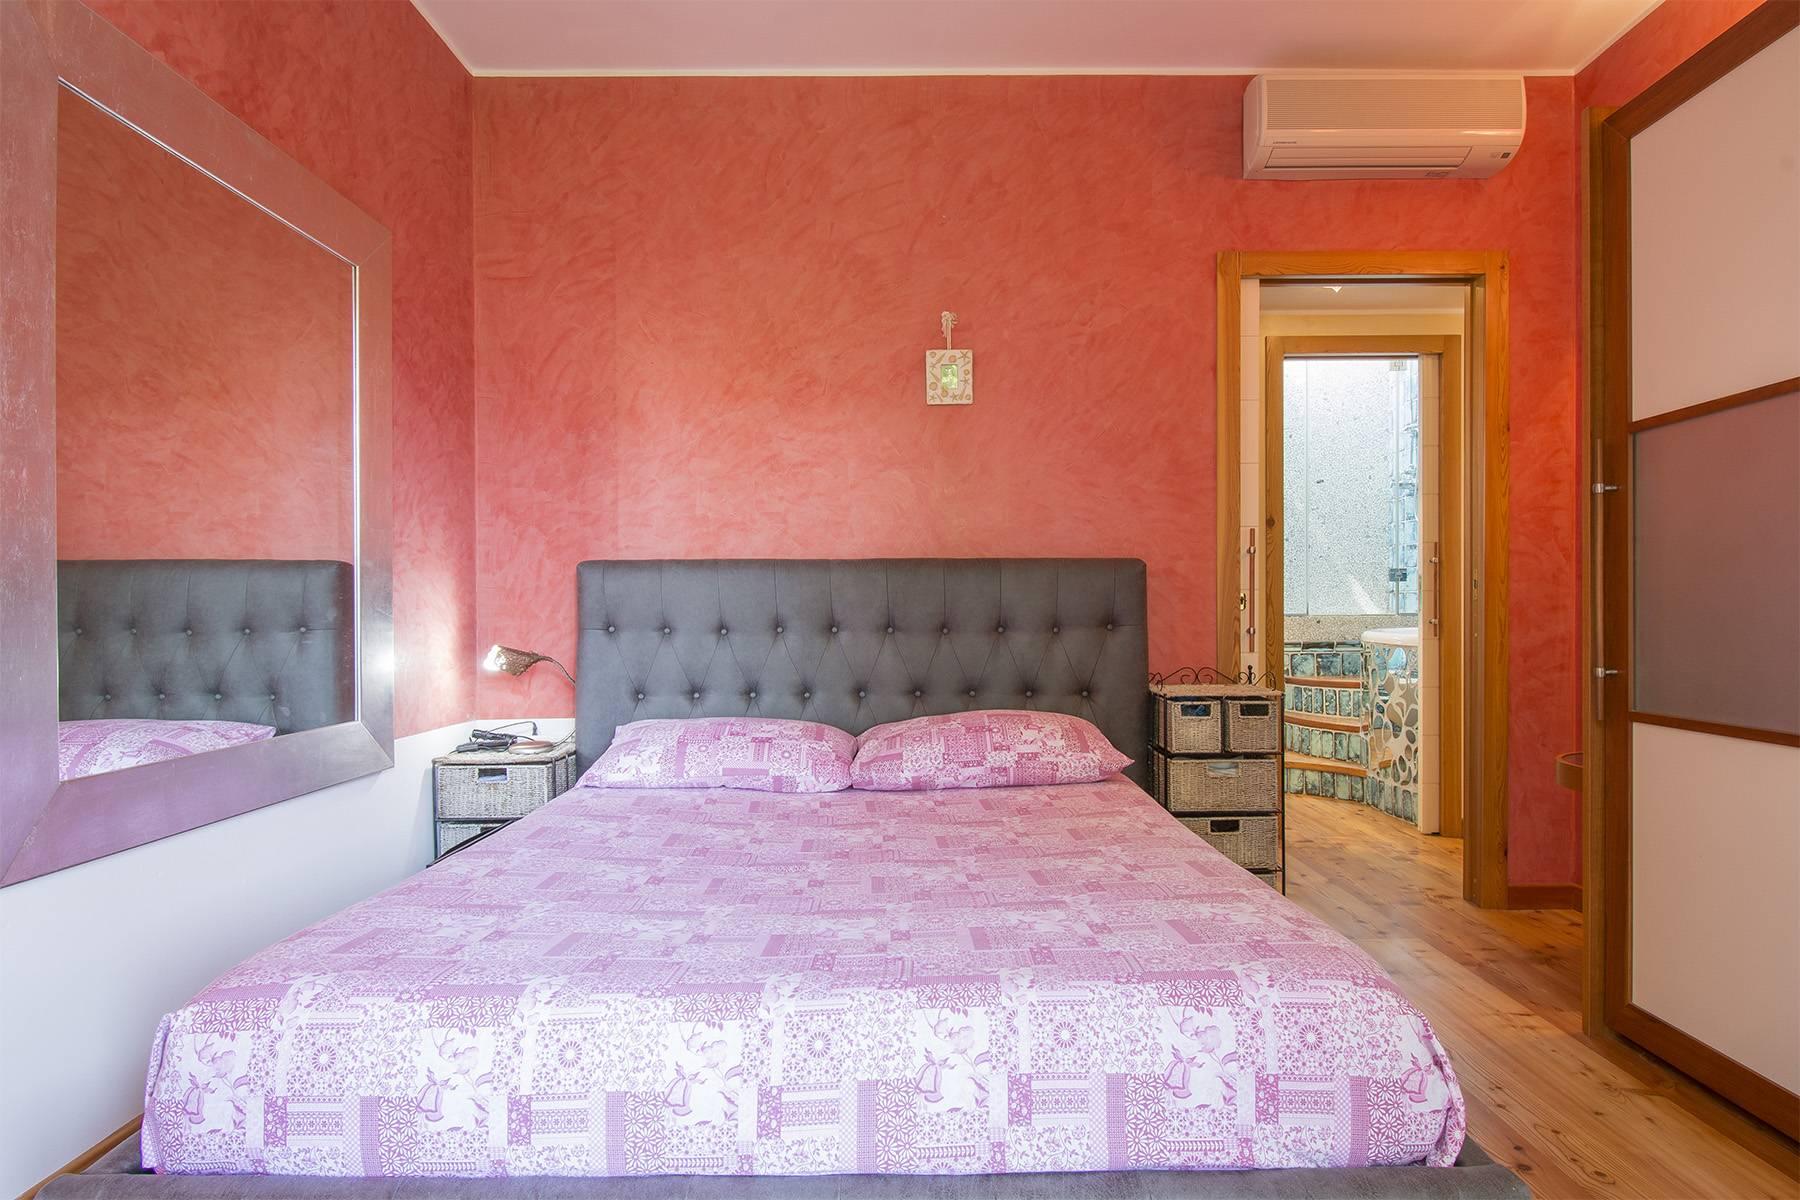 Casa indipendente in Vendita a Pietrasanta: 5 locali, 180 mq - Foto 18